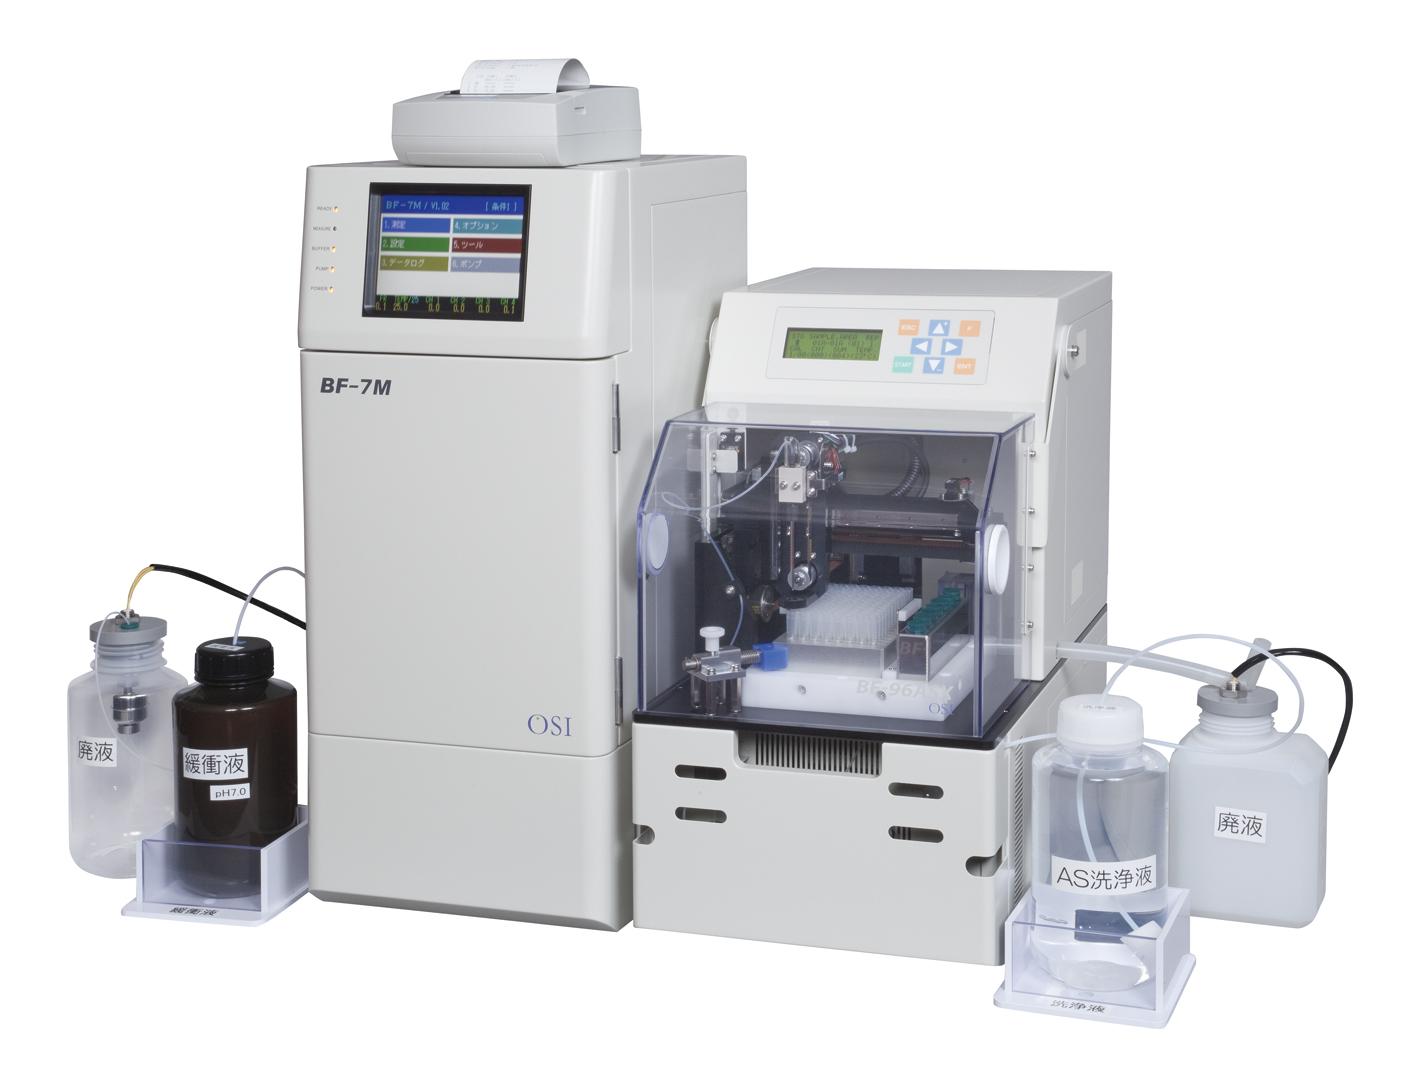 動物細胞培養用バイオセンサ BF-7M測定システム